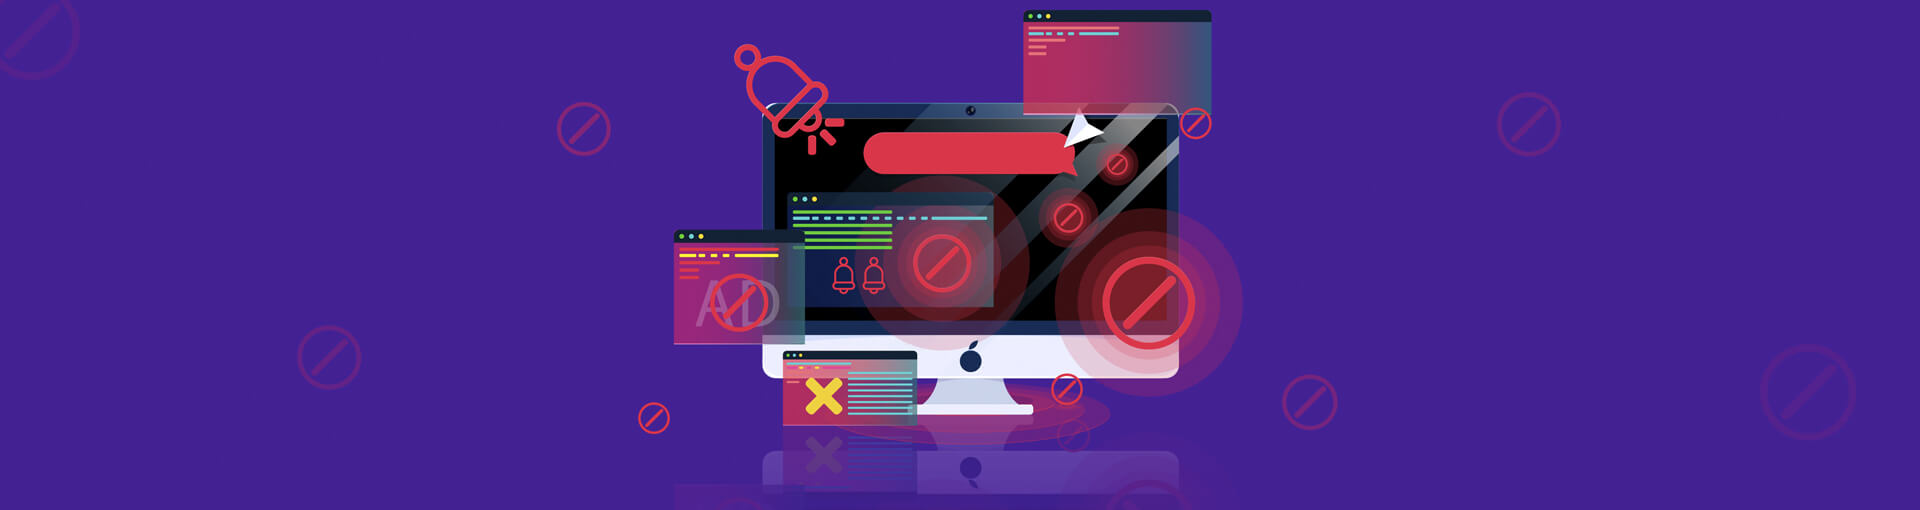 Как обойти блокировку сайтов без вреда собственному бизнесу